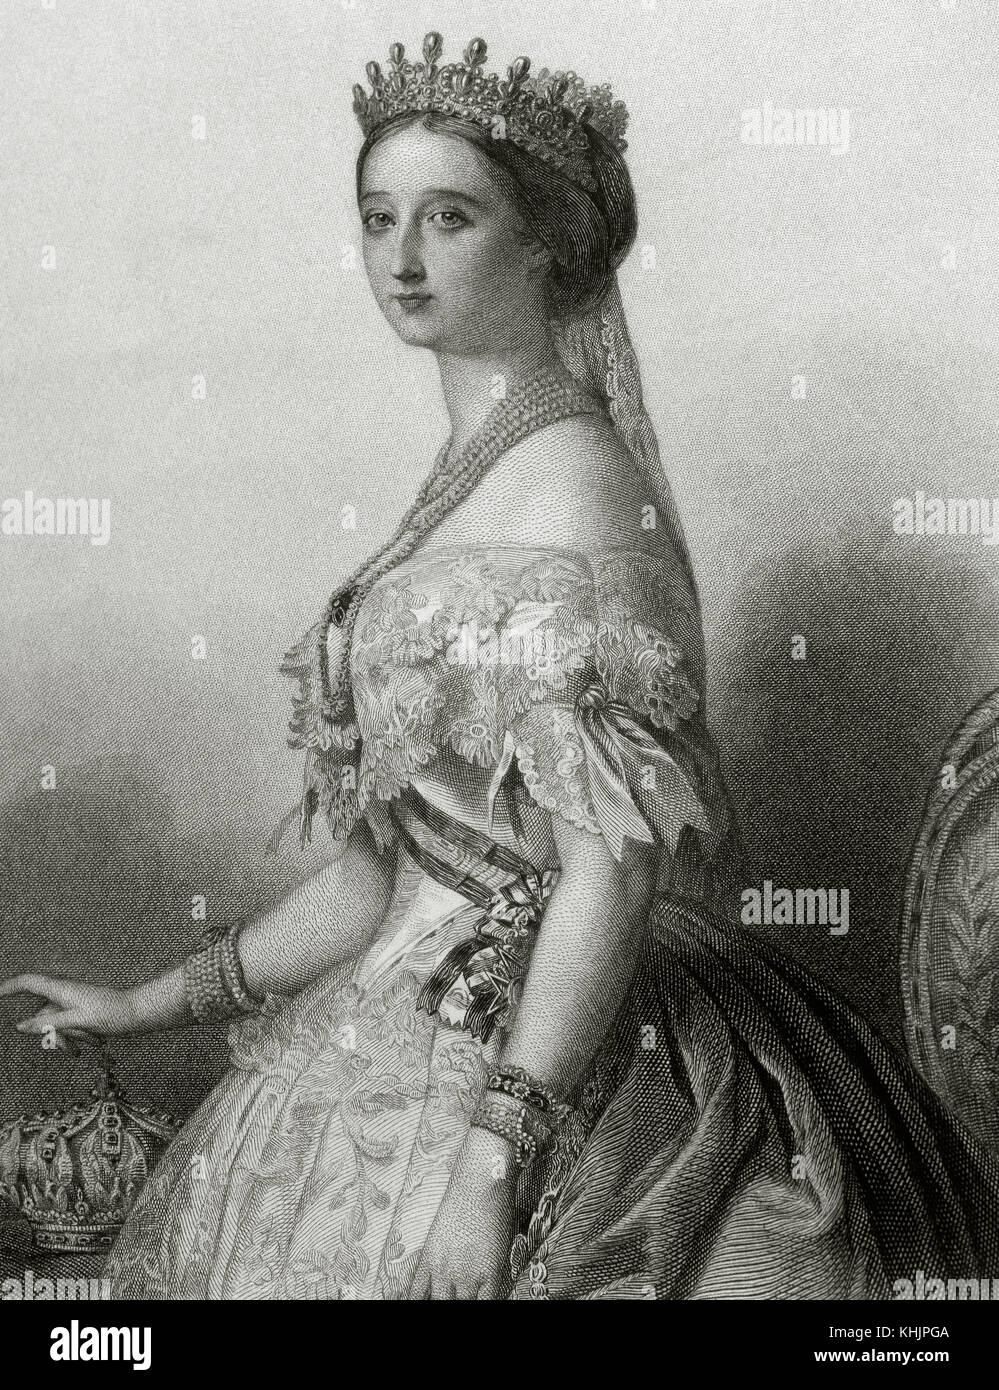 Eugenia de Montijo (1826-1920), XVI contessa di Teba, xv marchesa di ardales (1826-1920). ultima imperatrice consorte Immagini Stock